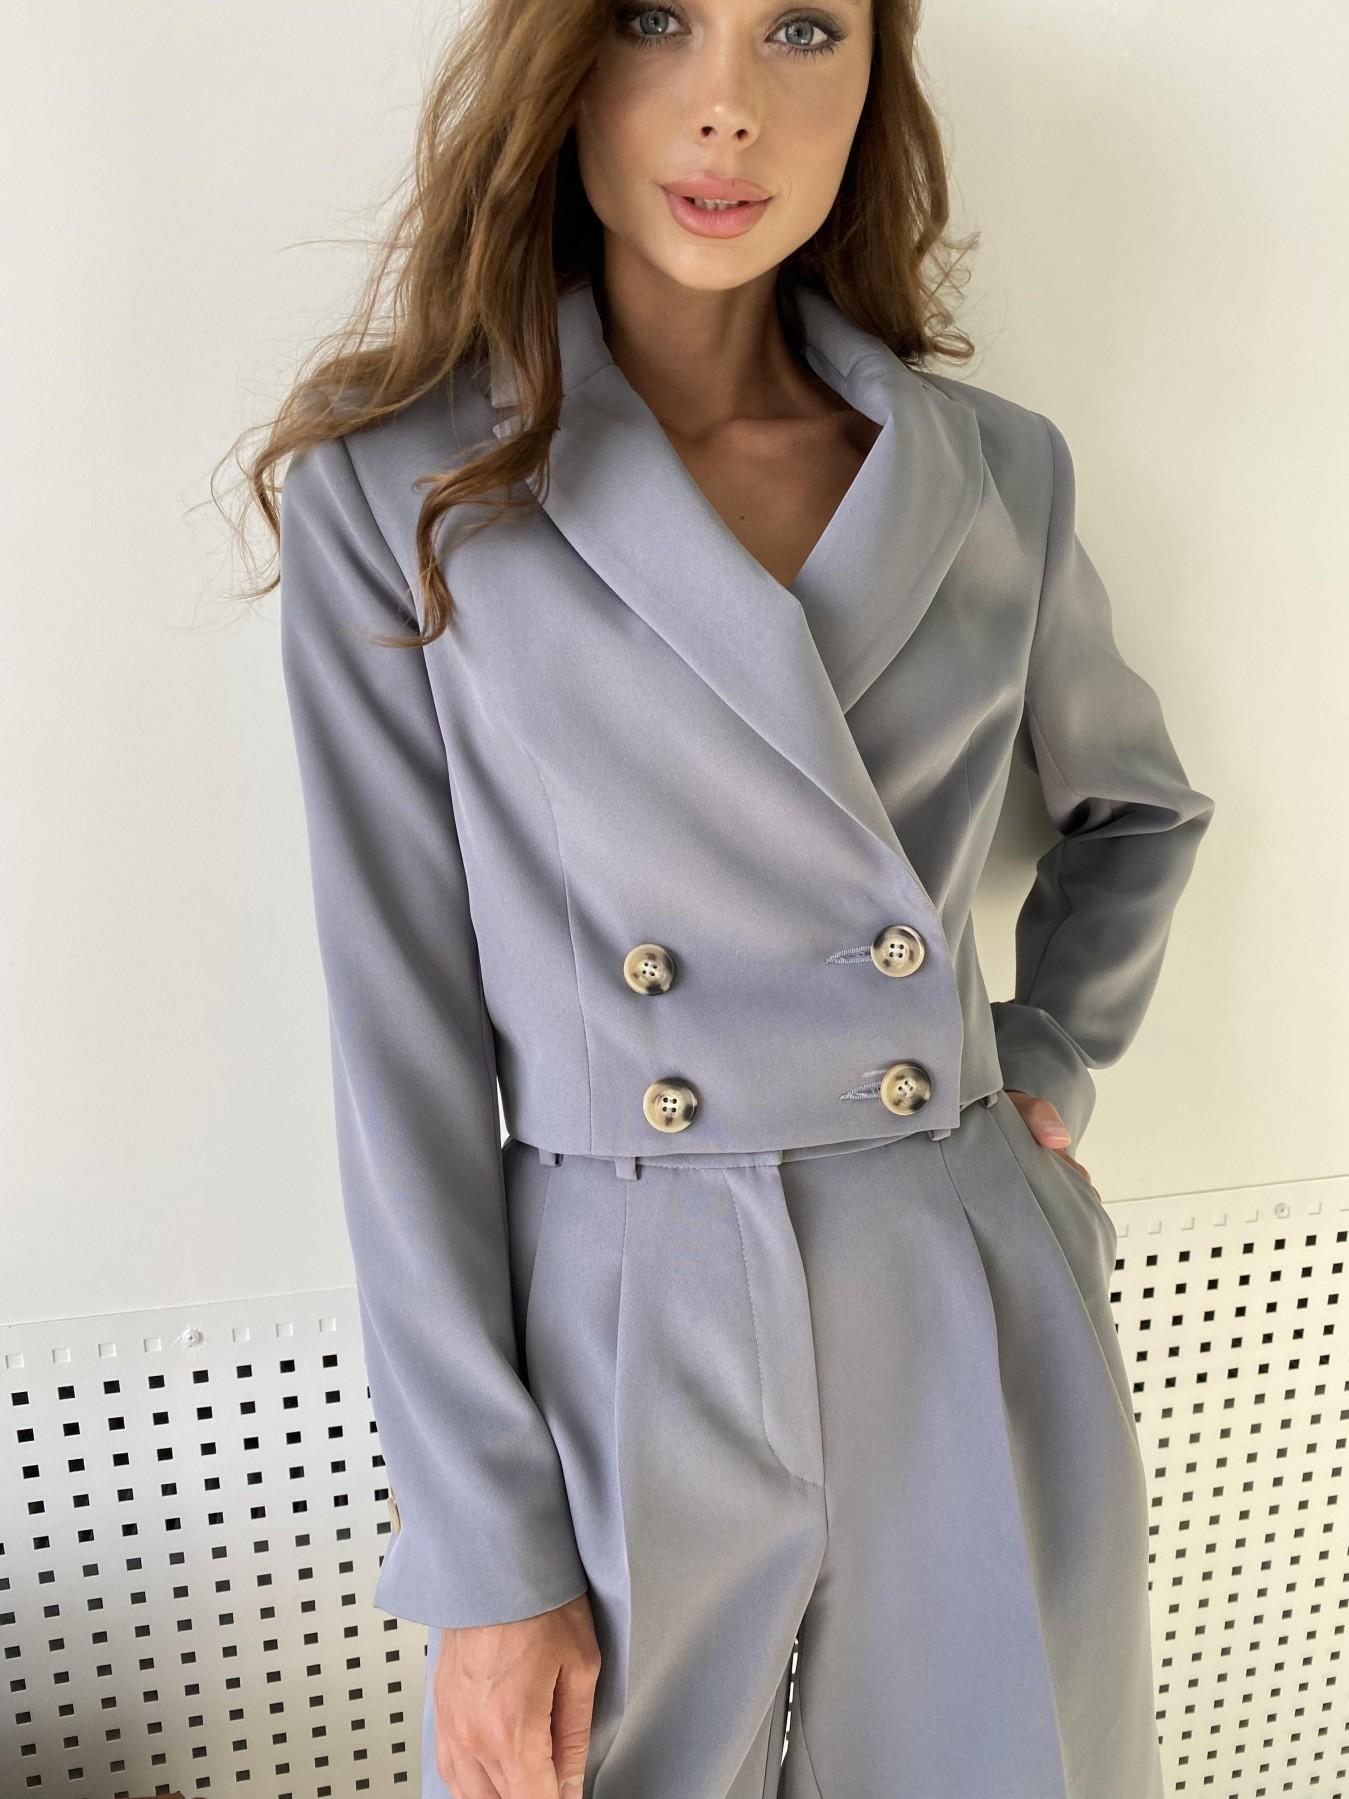 Оксфорд костюм из костюмной ткани стрейч 11548 АРТ. 48387 Цвет: Графит светлый - фото 2, интернет магазин tm-modus.ru